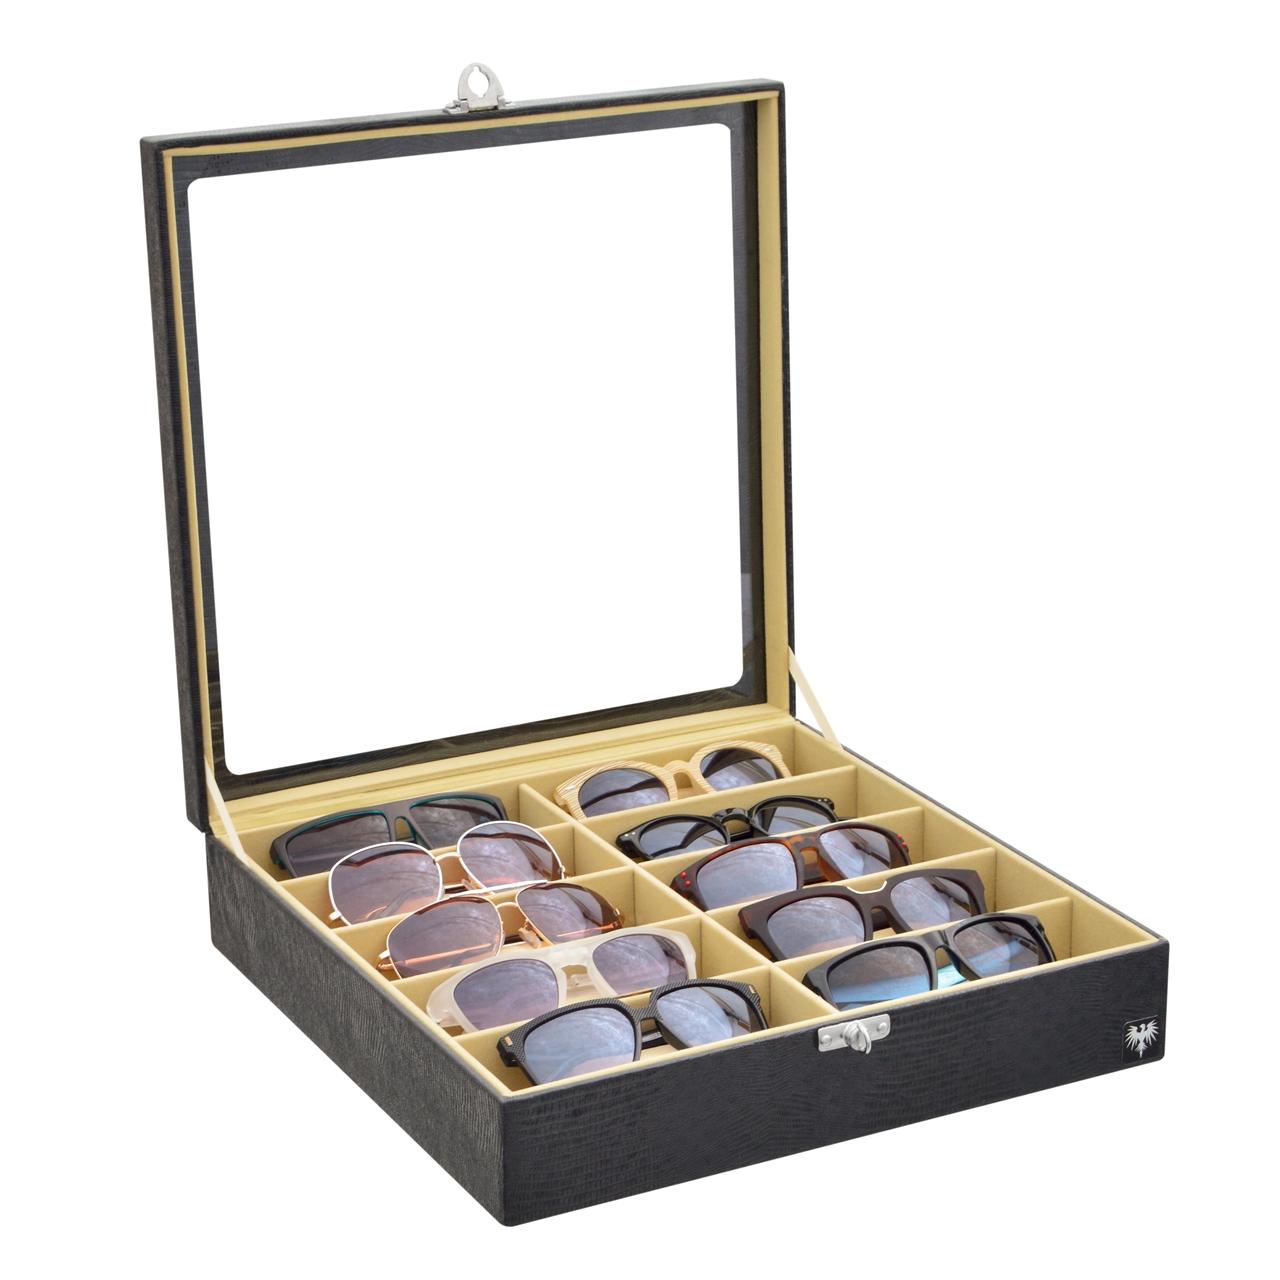 estojo-couro-ecologico-10-oculos-preto-bege-porta-caixa-imagem-2.jpg